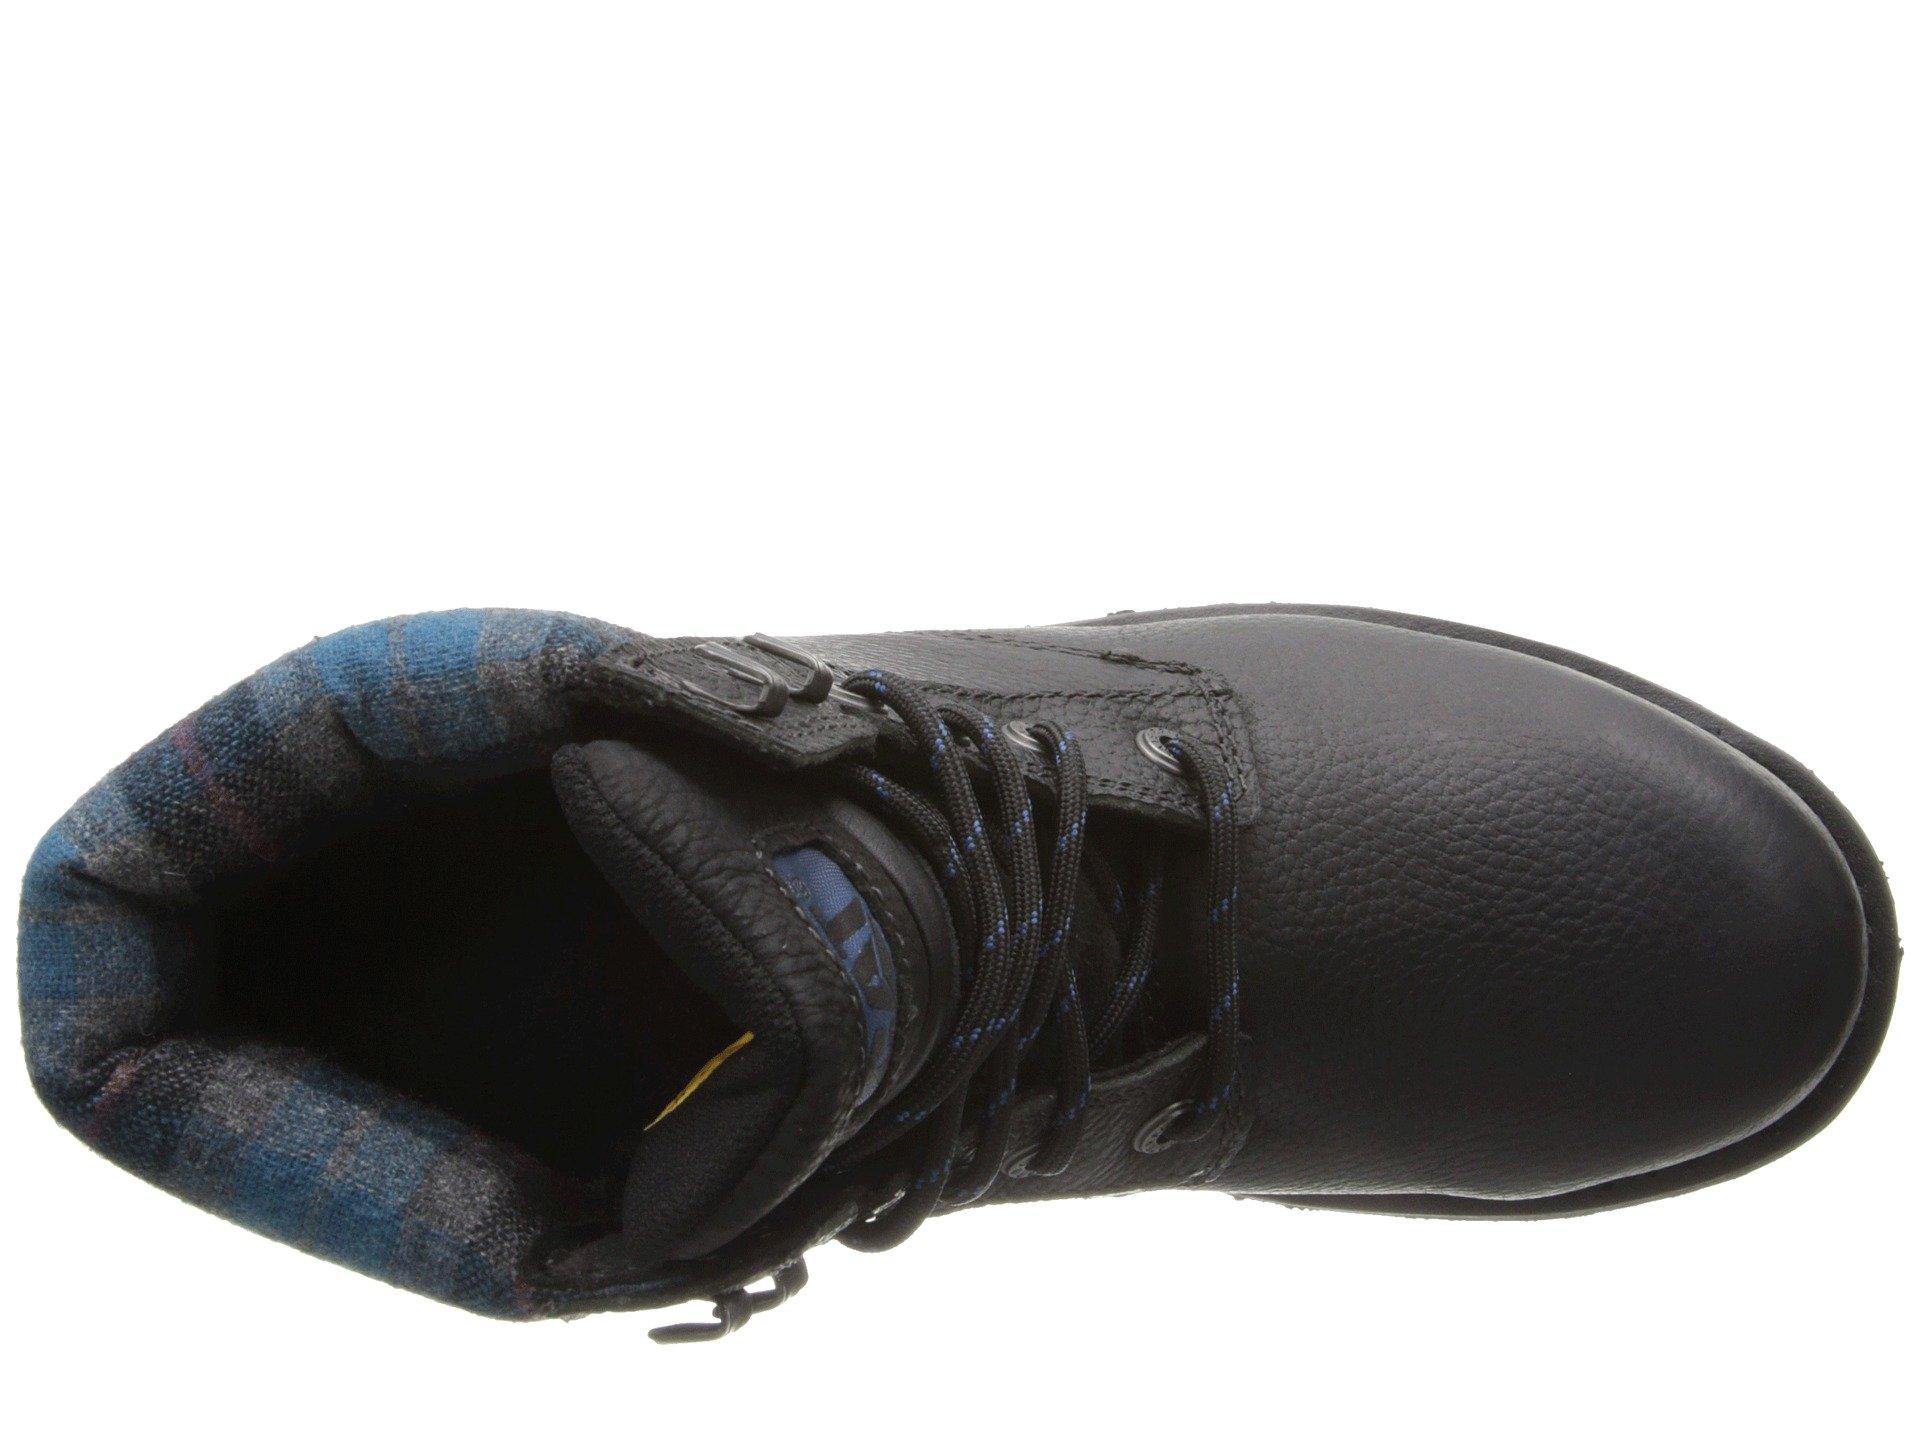 Merina Running Shoes